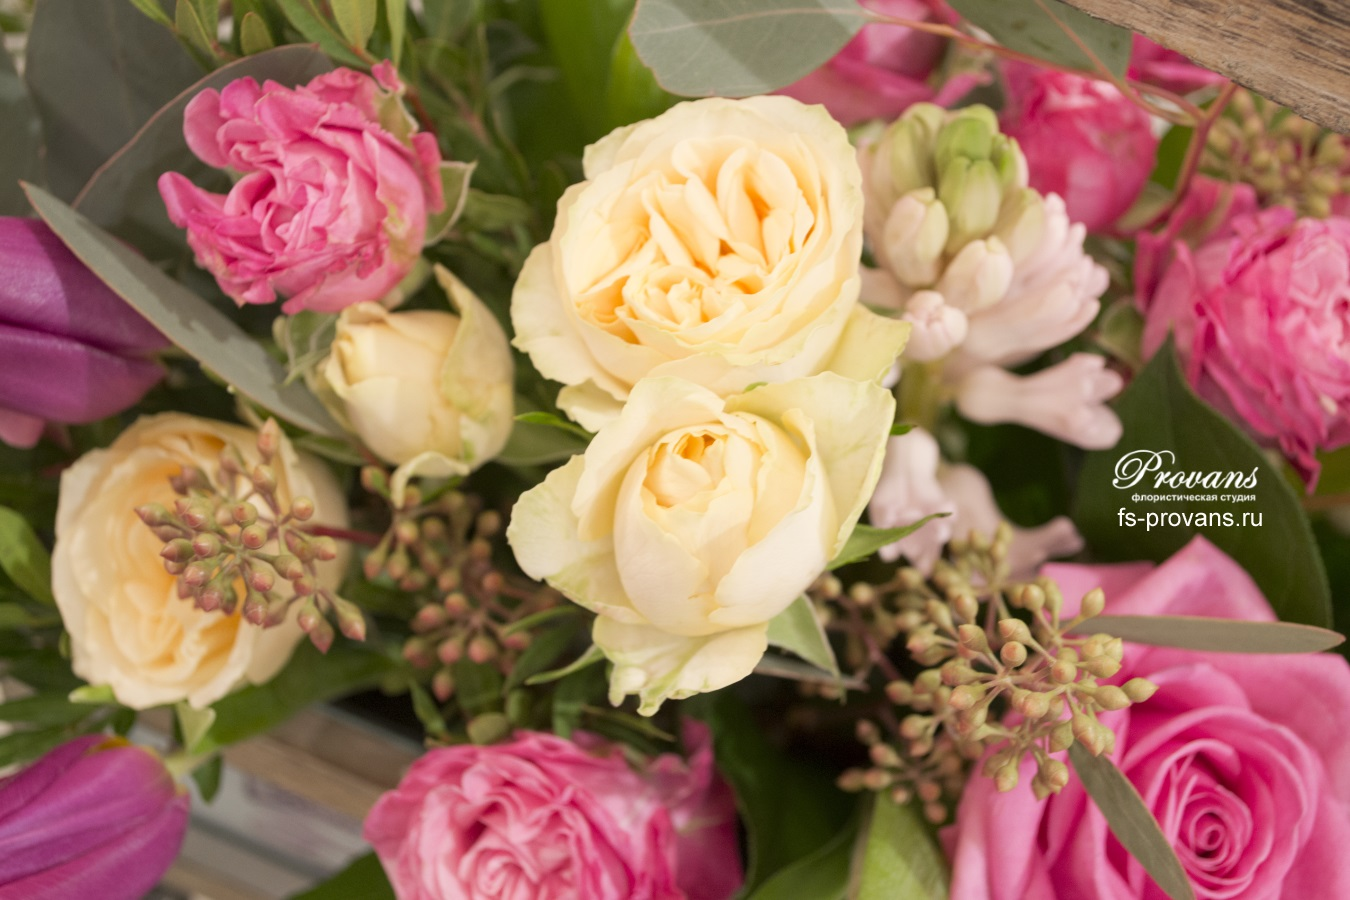 Цветы в ящике. Тюльпаны, розы, гиацинты